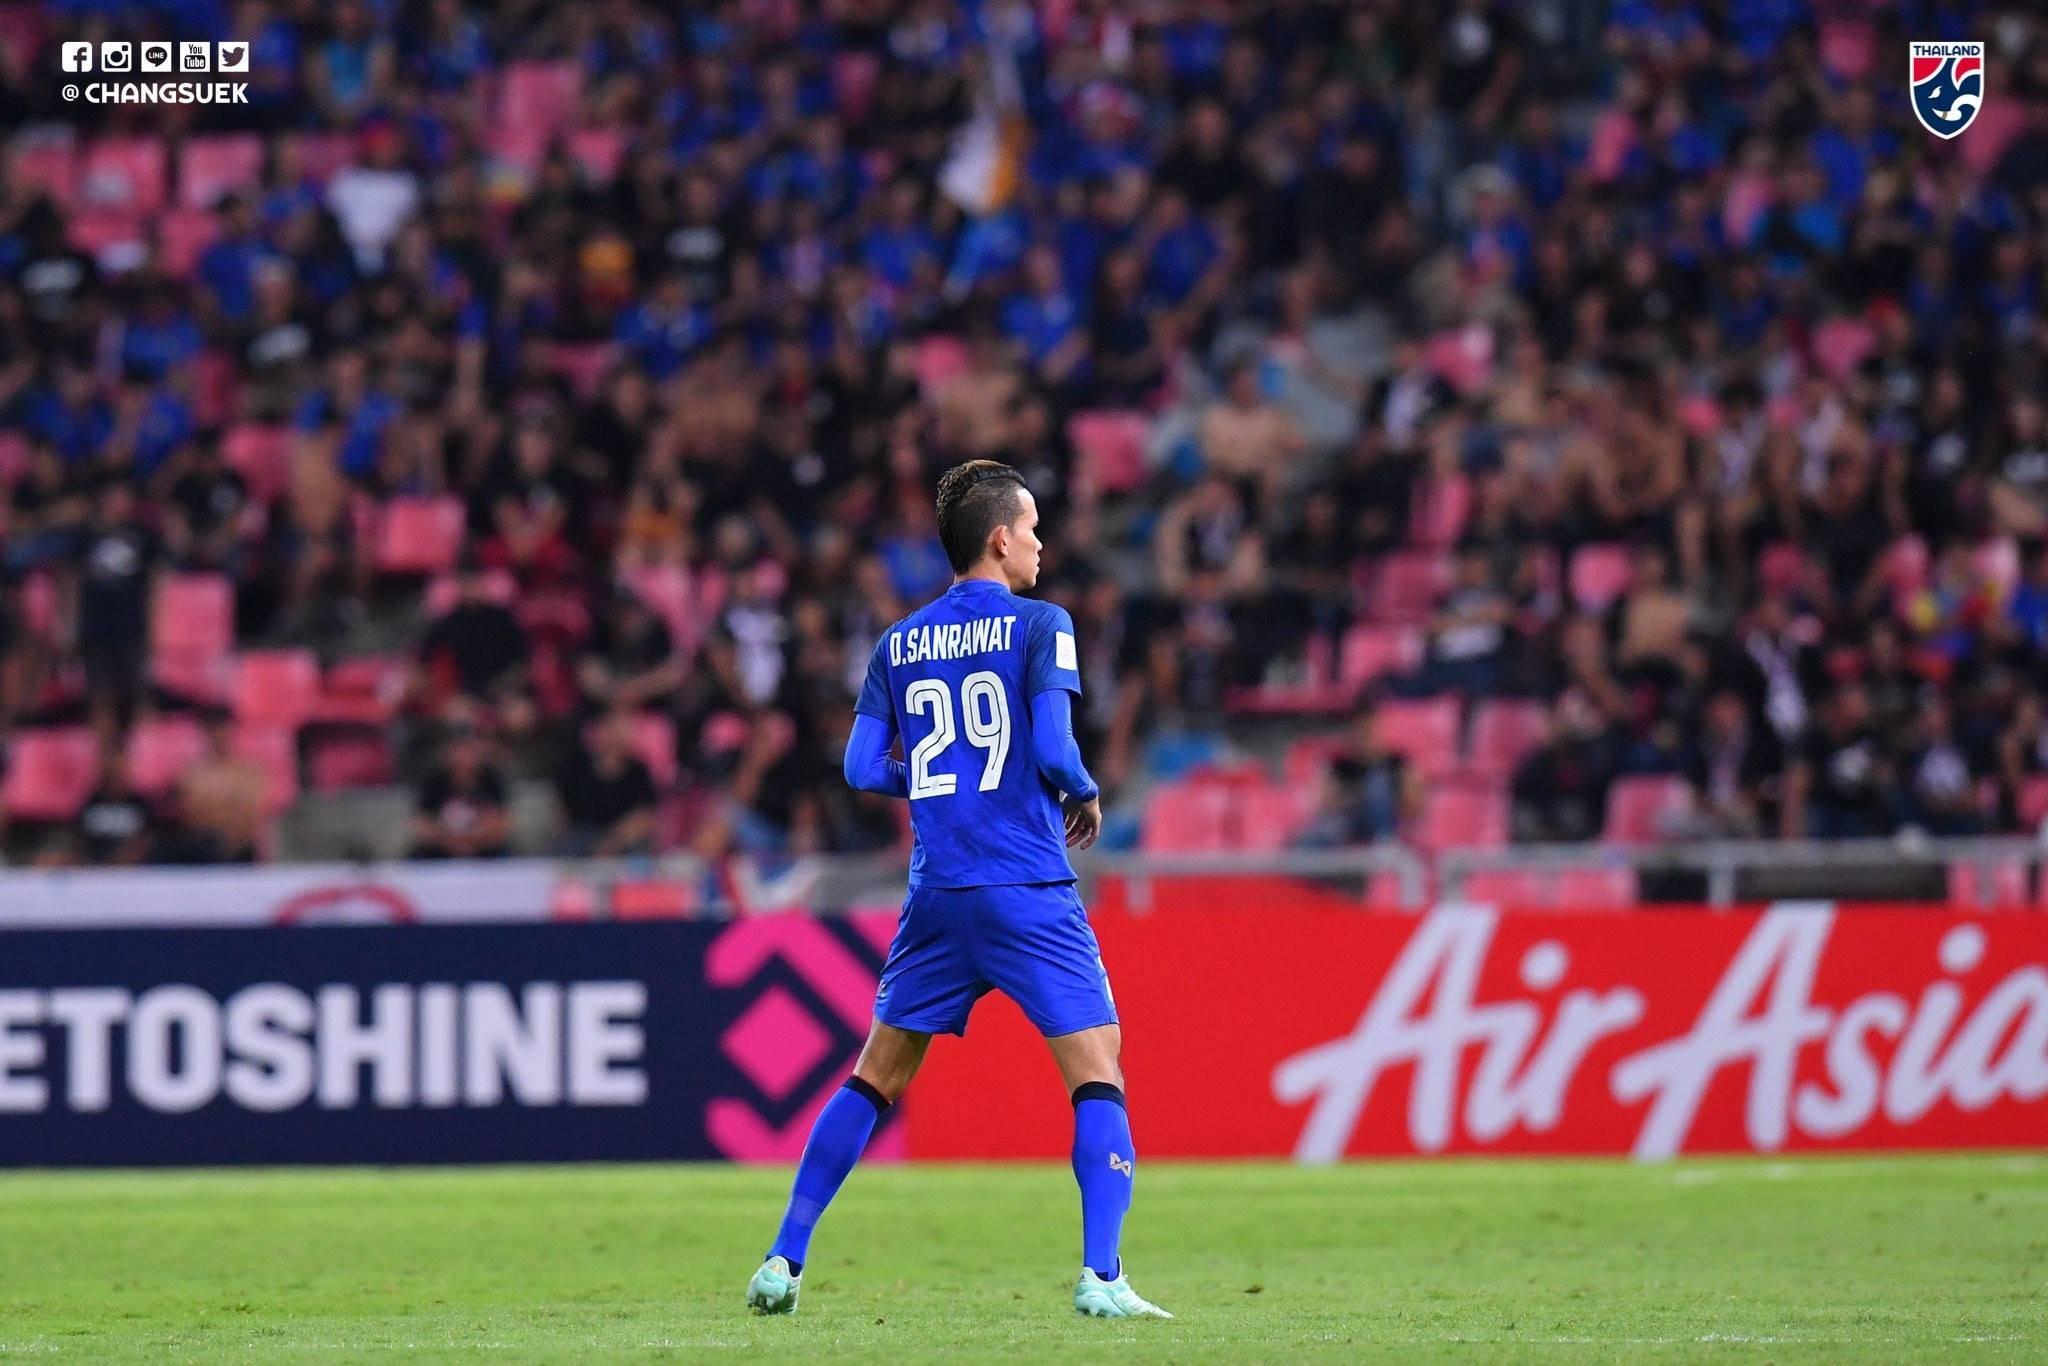 เวียดนาม ติด 4 ราย! – 11 ผู้เล่นยอดเยี่ยม เอเอฟเอฟ ซูซูกิคัพ 2018